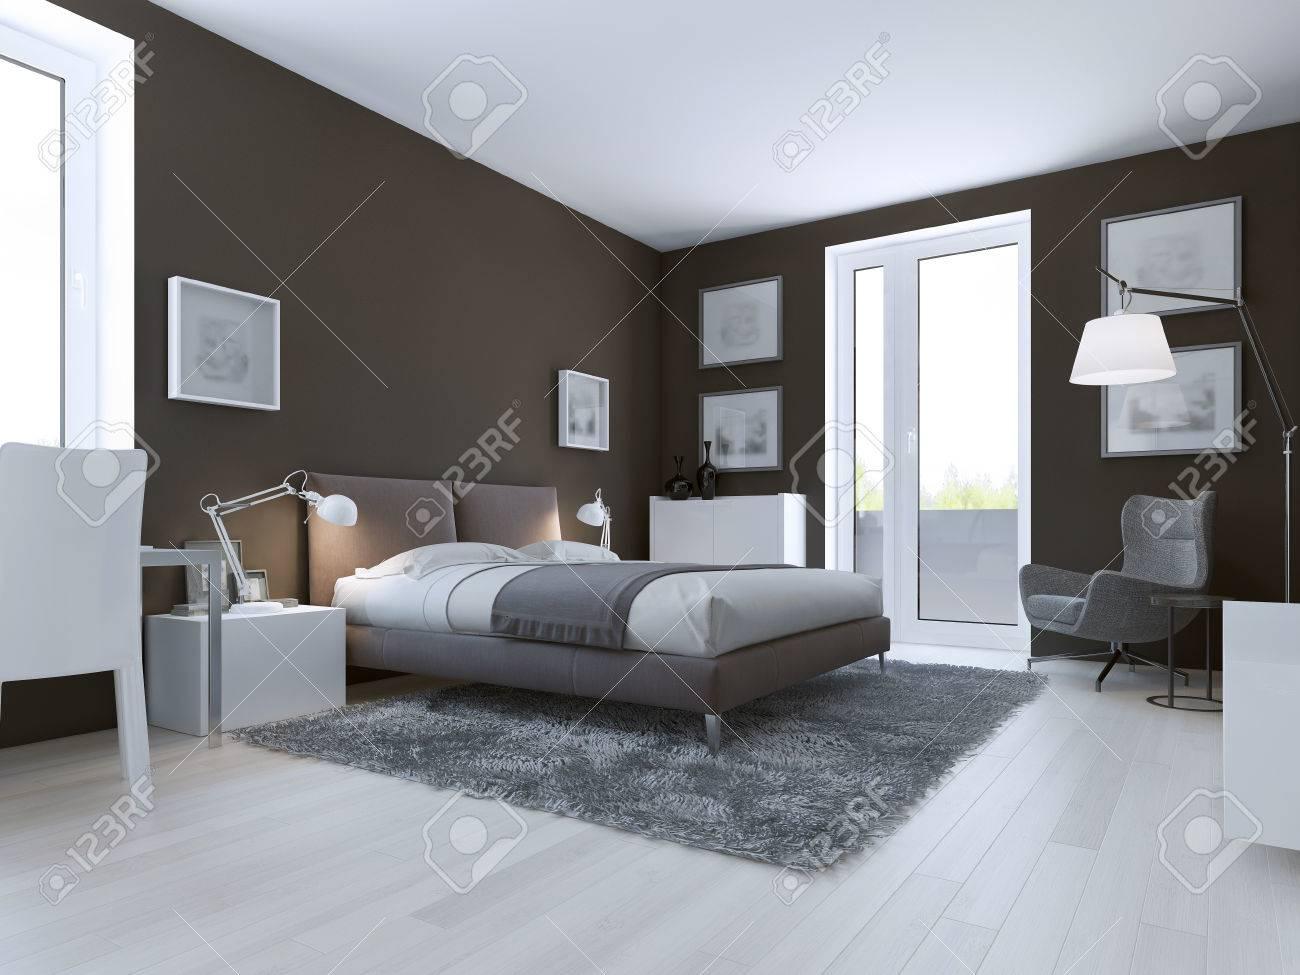 Moderne Schlafzimmer Design. Taupe Matt Wände, Doppel Gekleidet Bett Und  Zugang Zum Balkon.